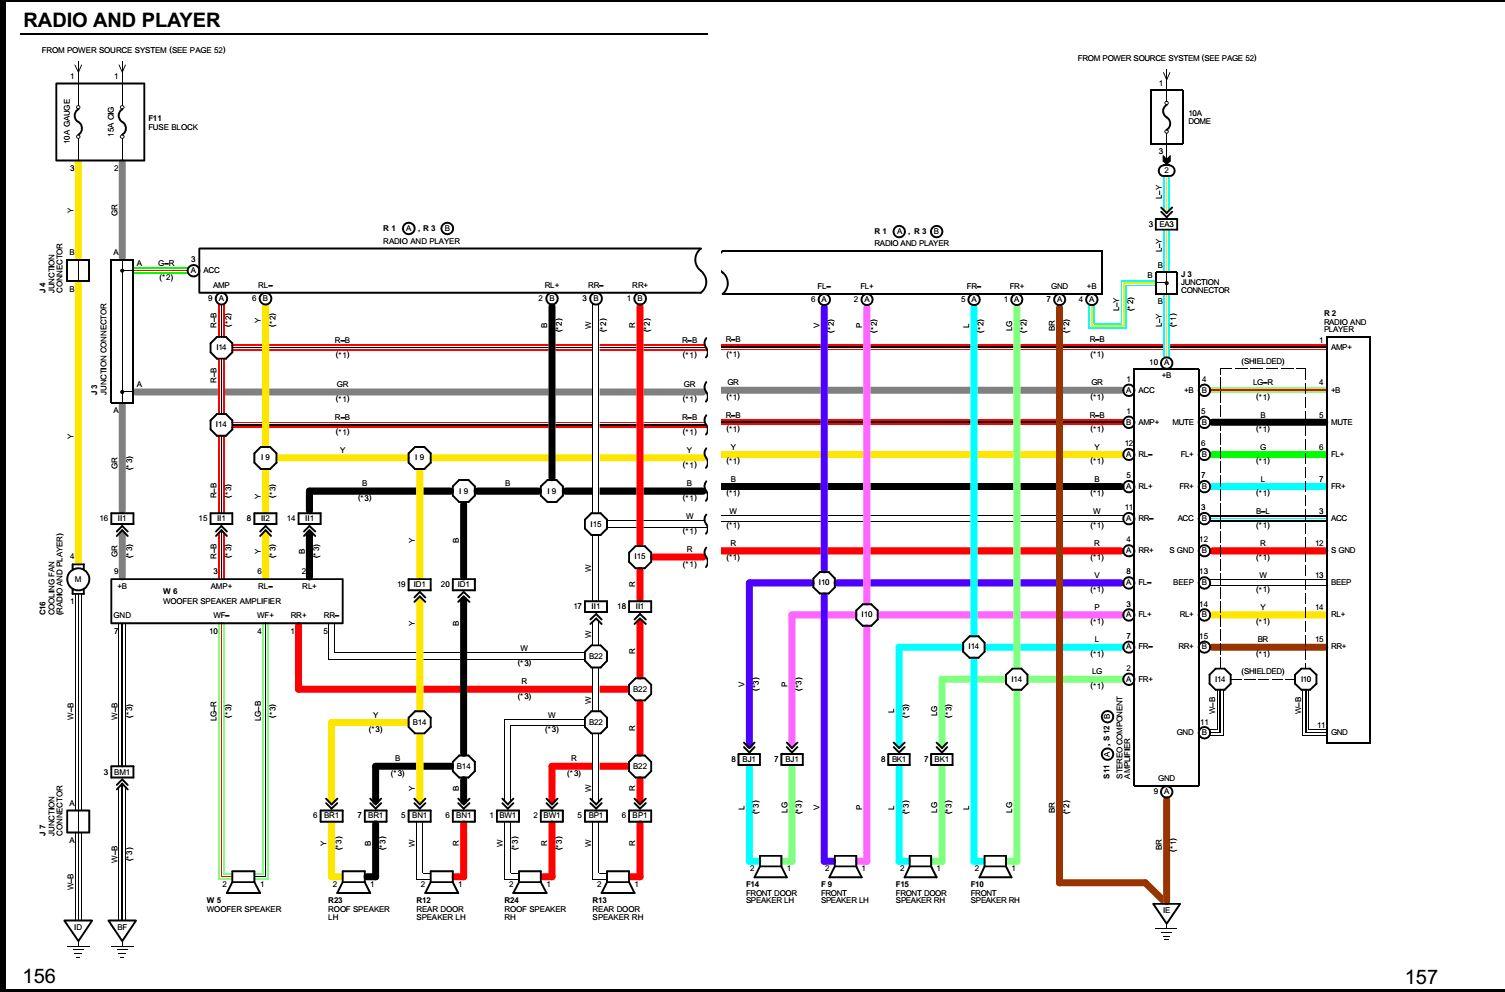 2008 ford f150 trailer wiring diagram commando remote start f 150 escape radio